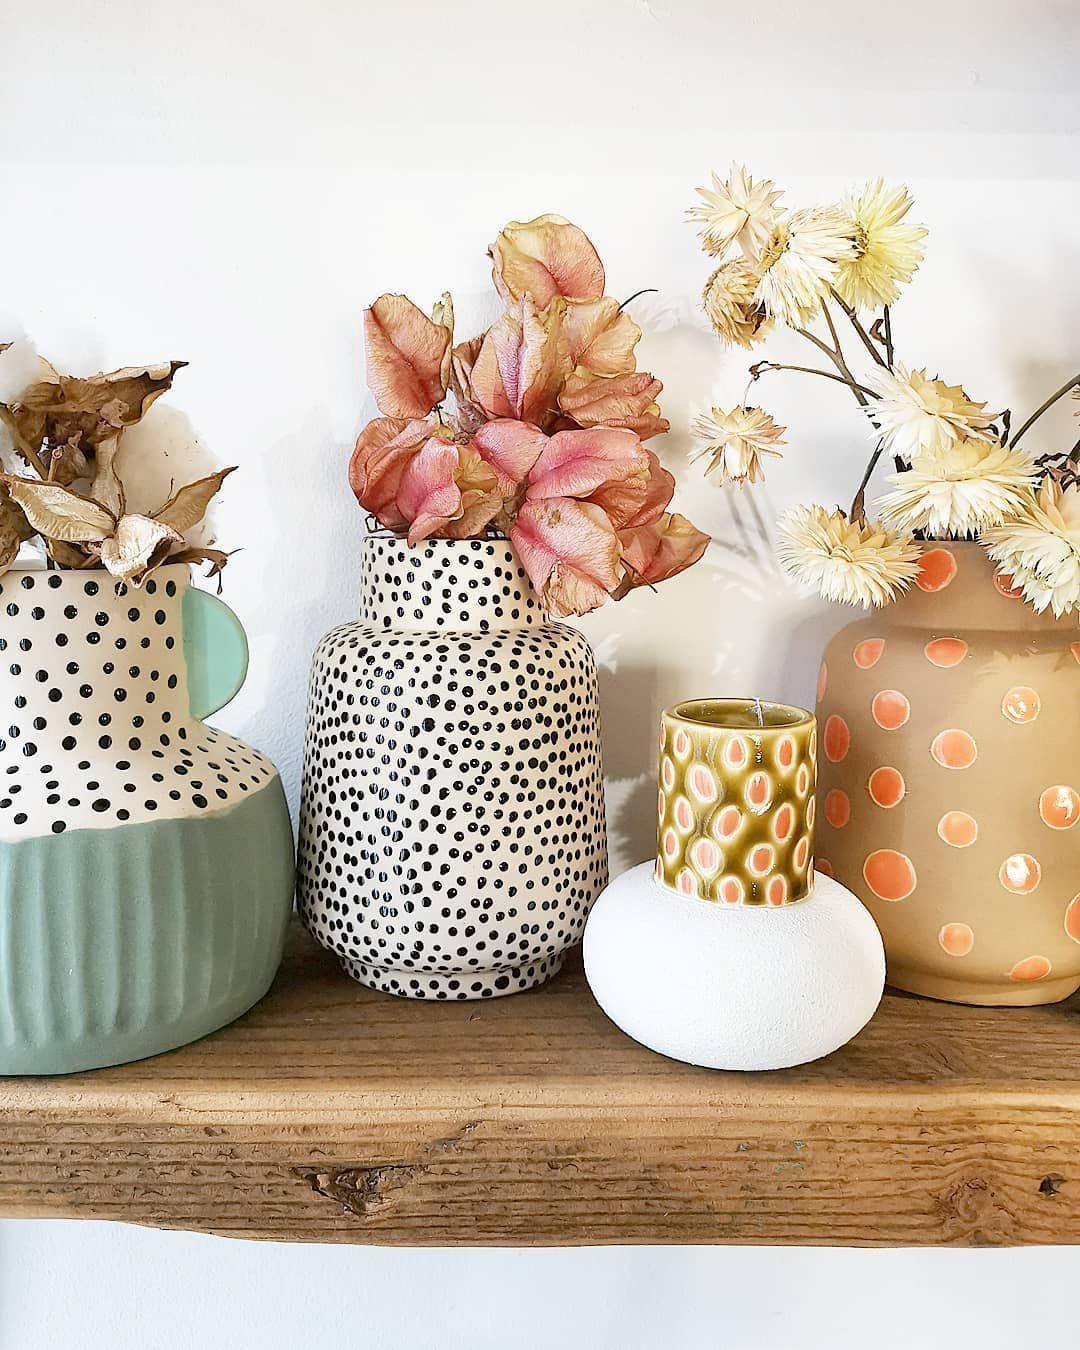 kitchendecor #cactus kitchen decor #coffee kitchen decor theme